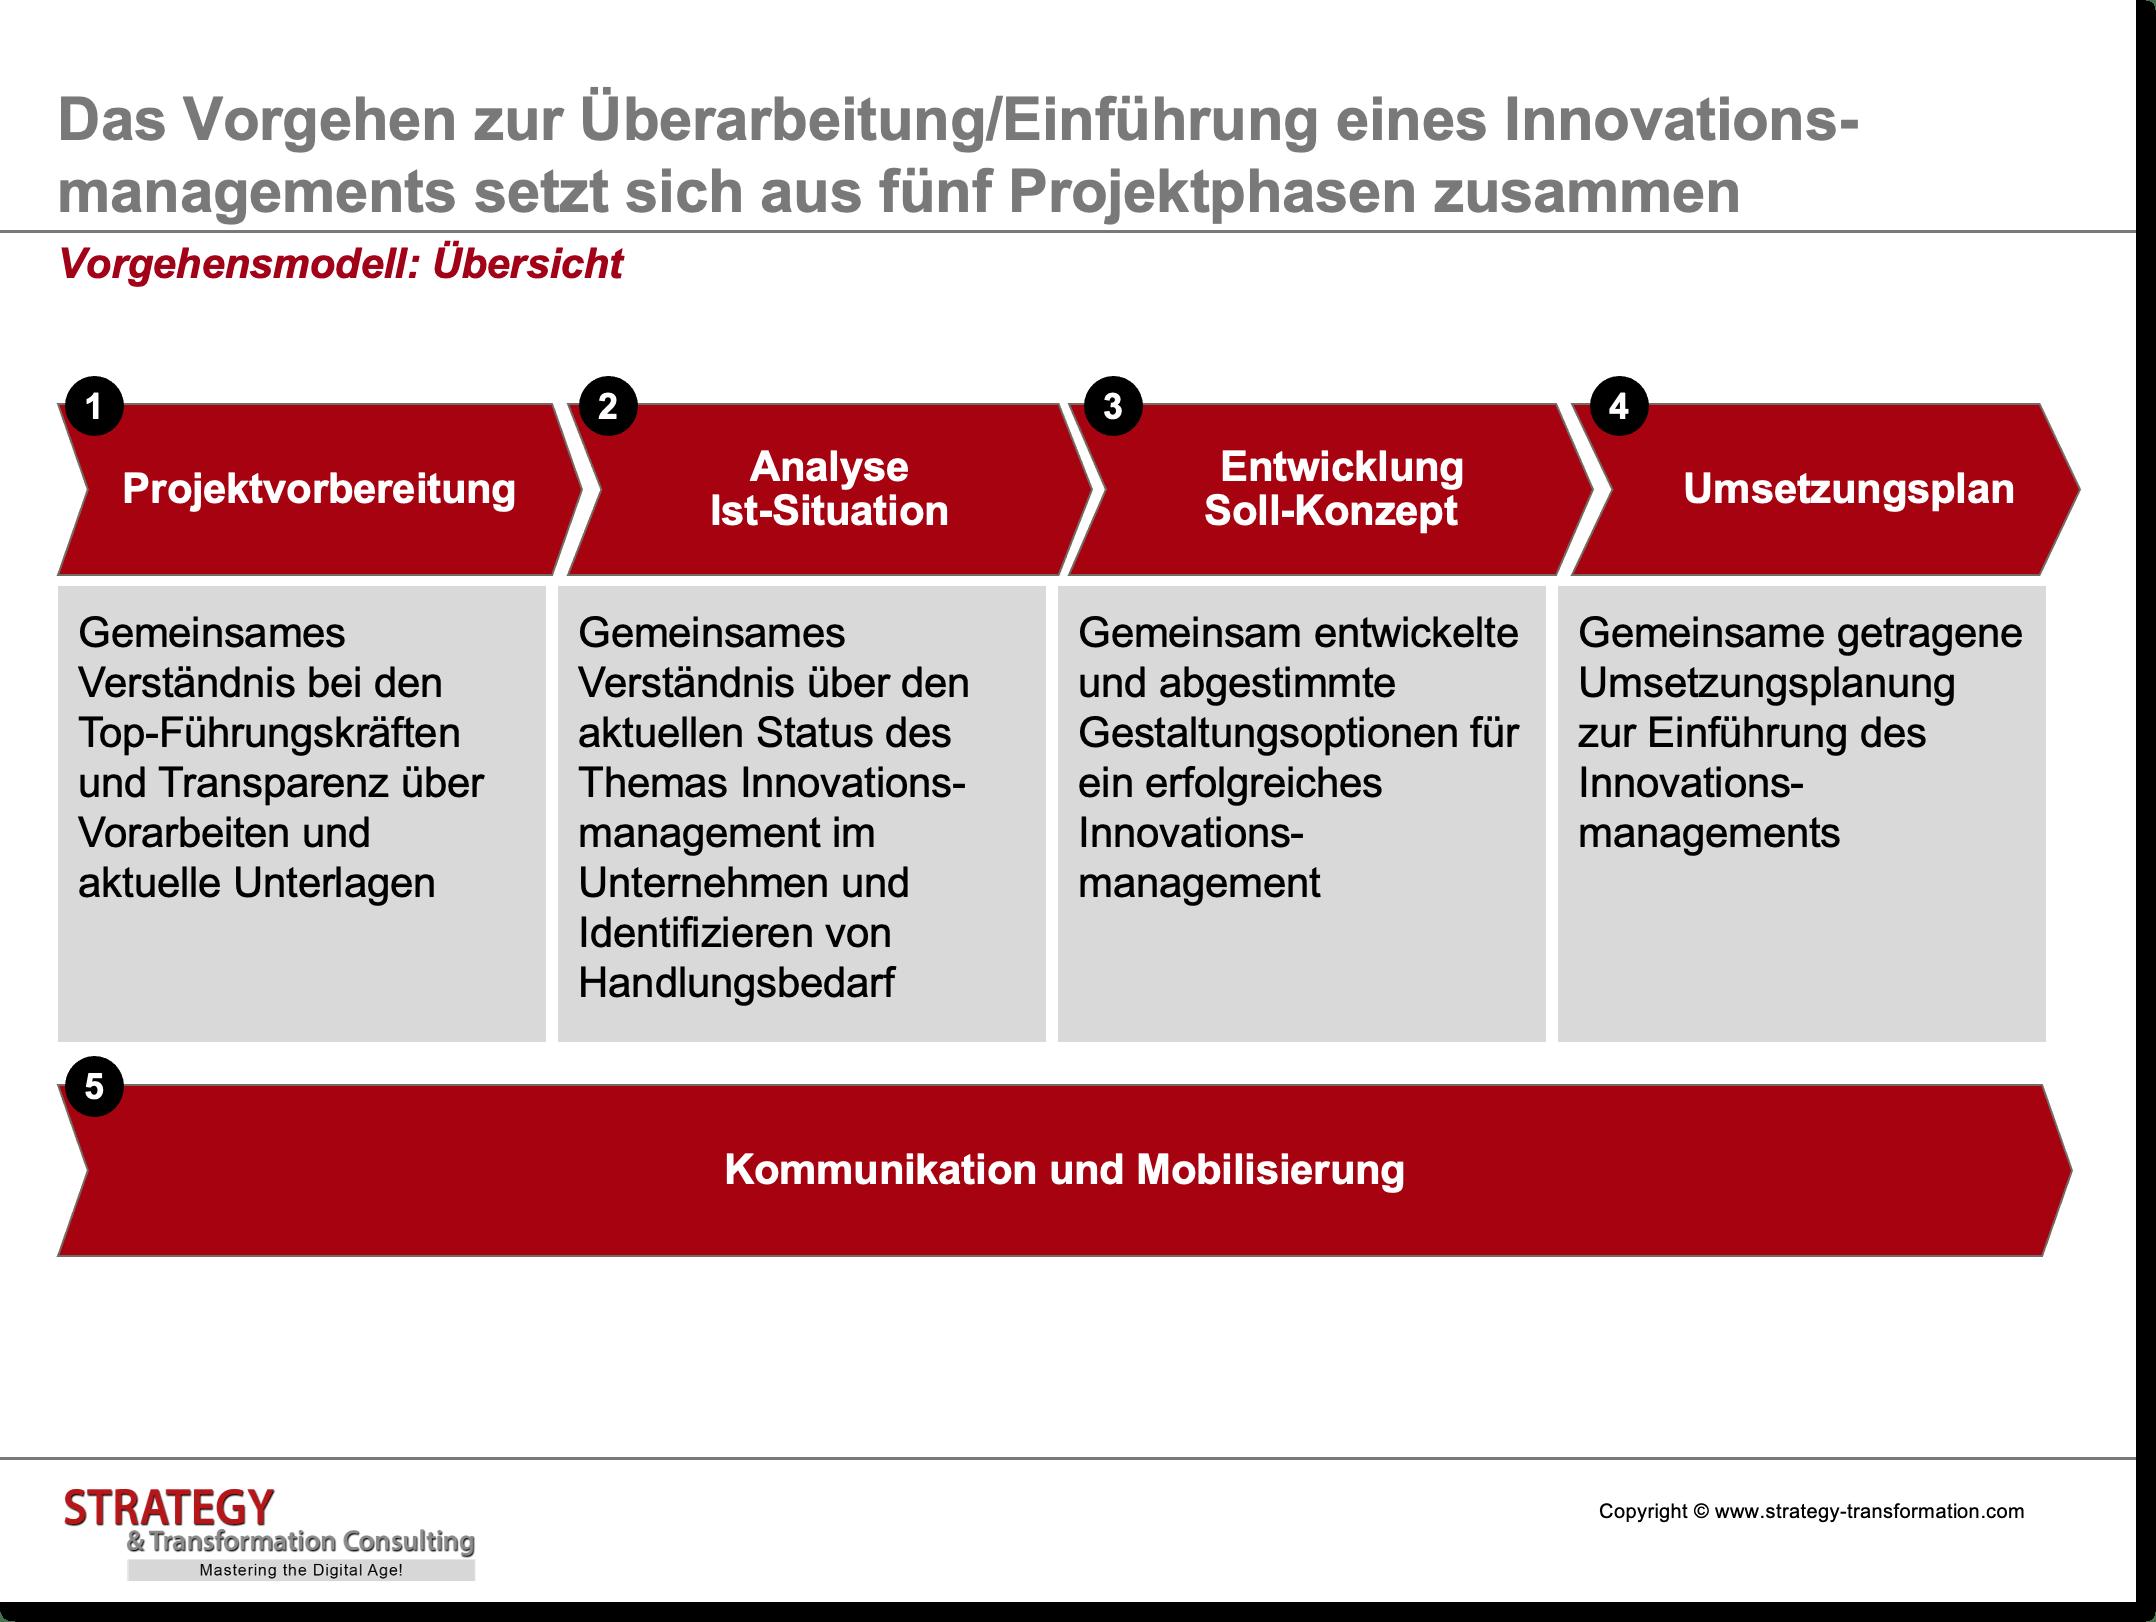 Innovationsmanagement_Vorgehensmodell_Übersicht